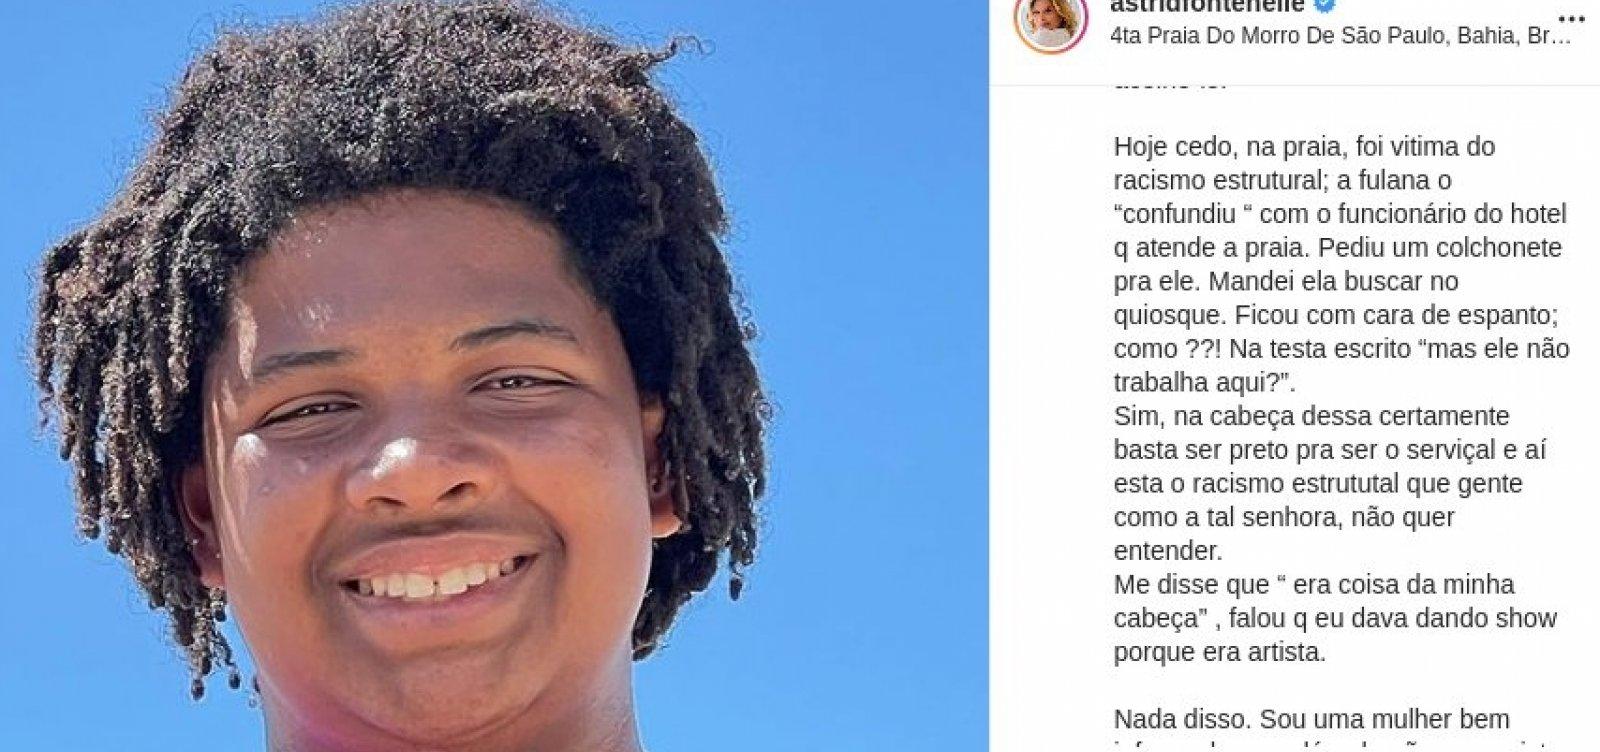 Apresentadora usa redes sociais para denunciar racismo contra filho em Morro de São Paulo